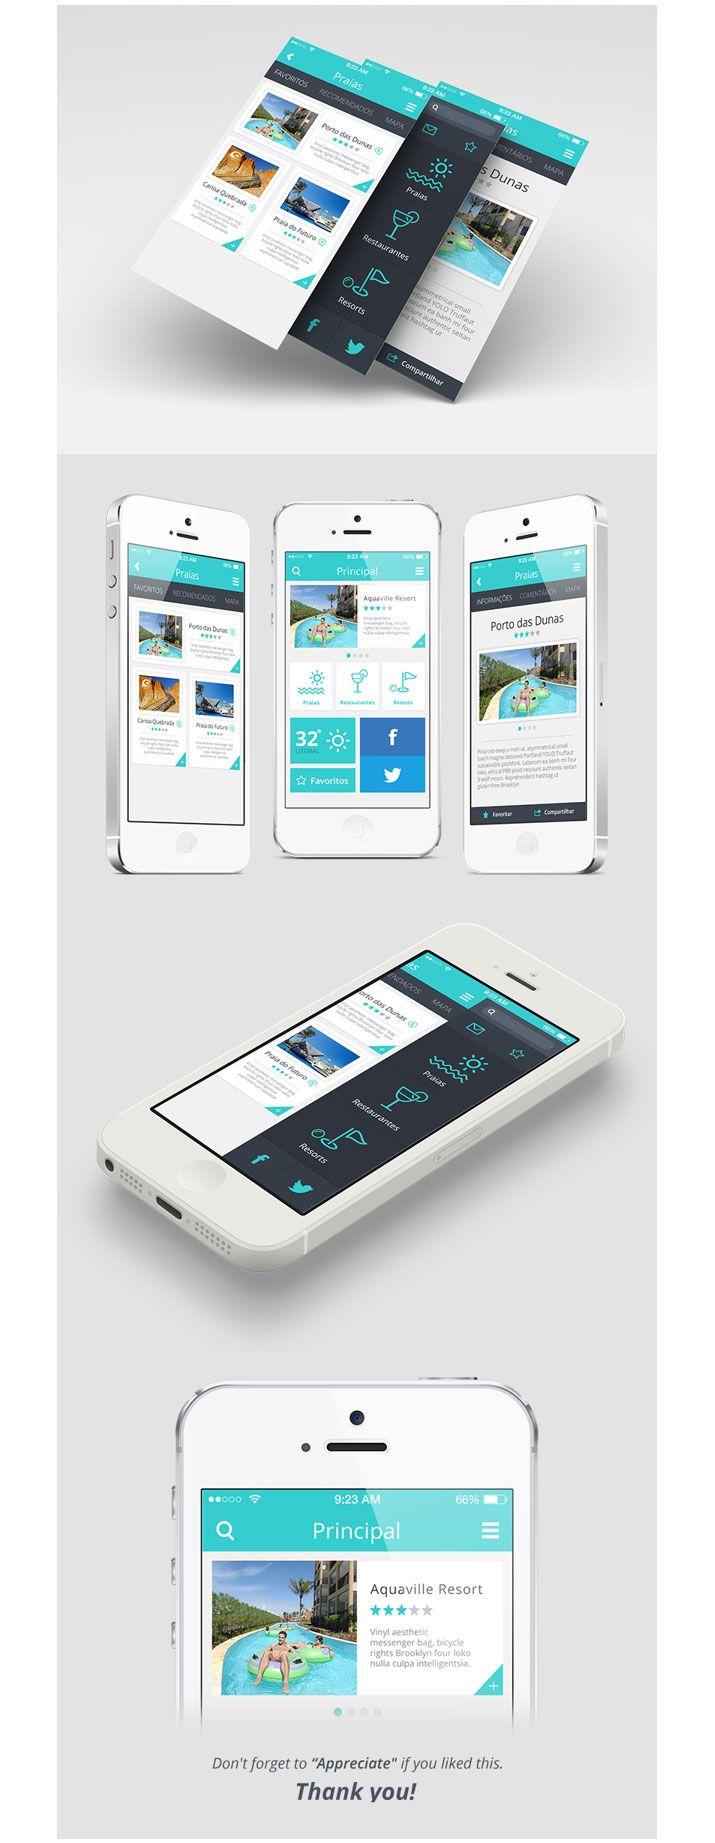 Daily Mobile UI Design Inspiration #148